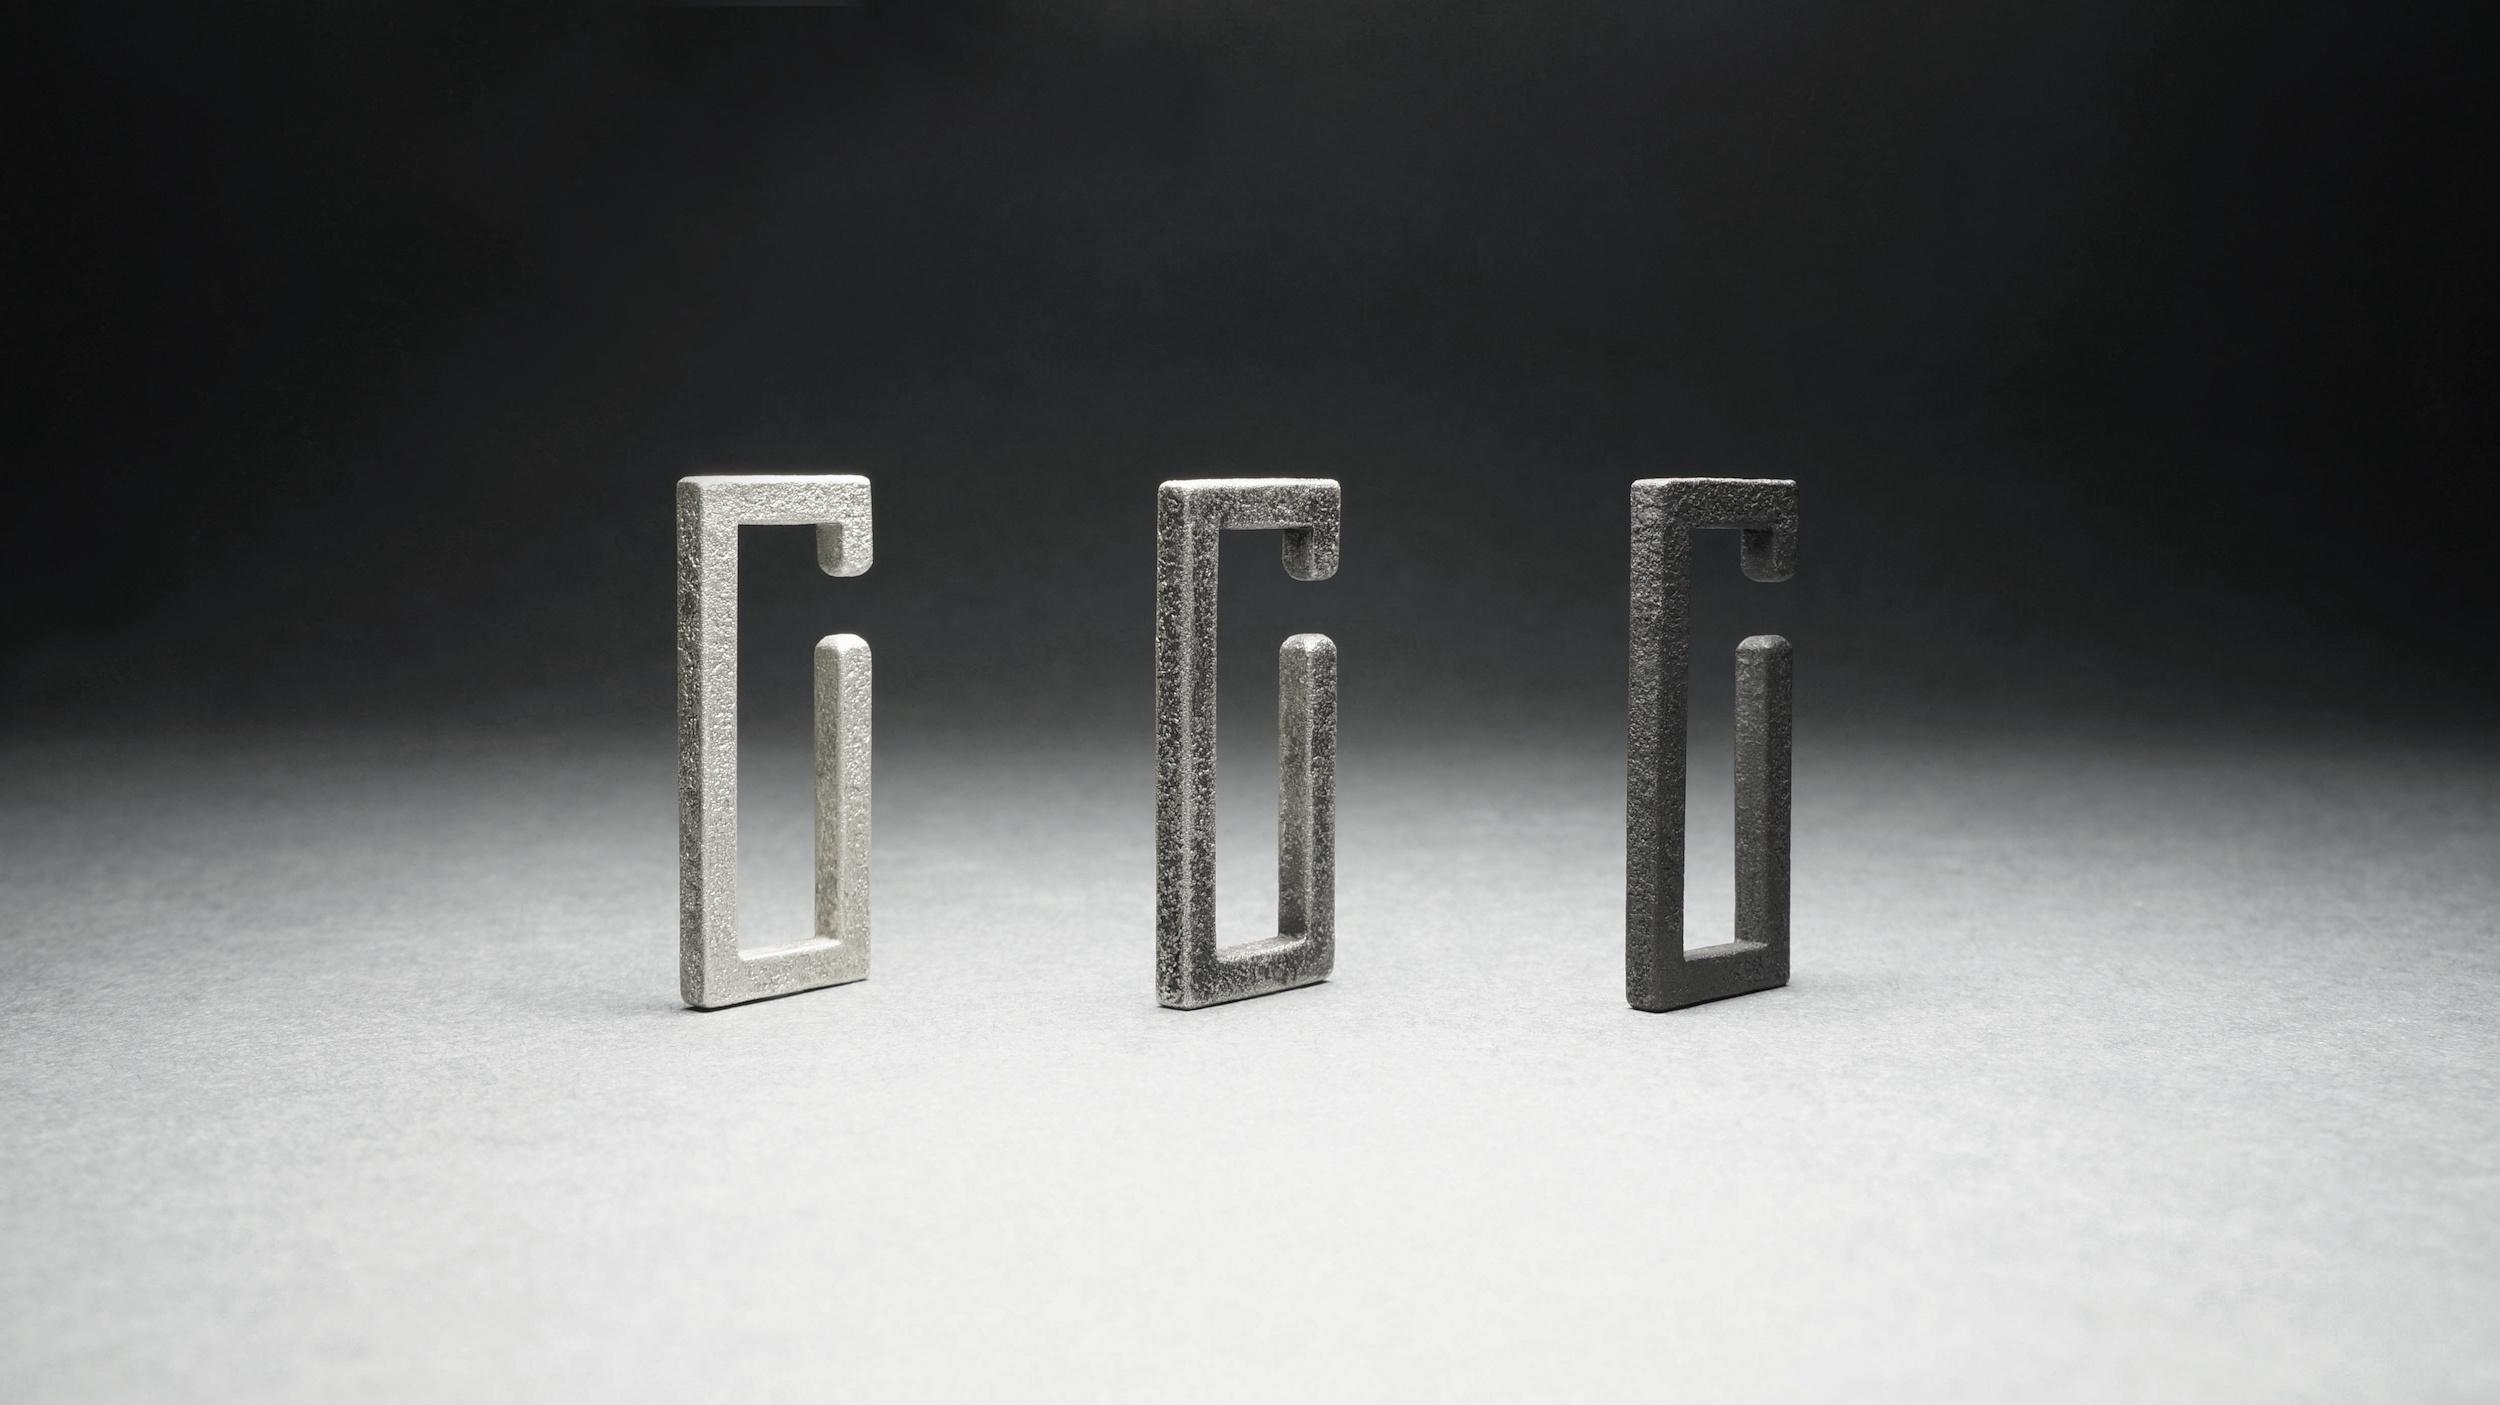 [D]EC-007 ・ [D]EC-008